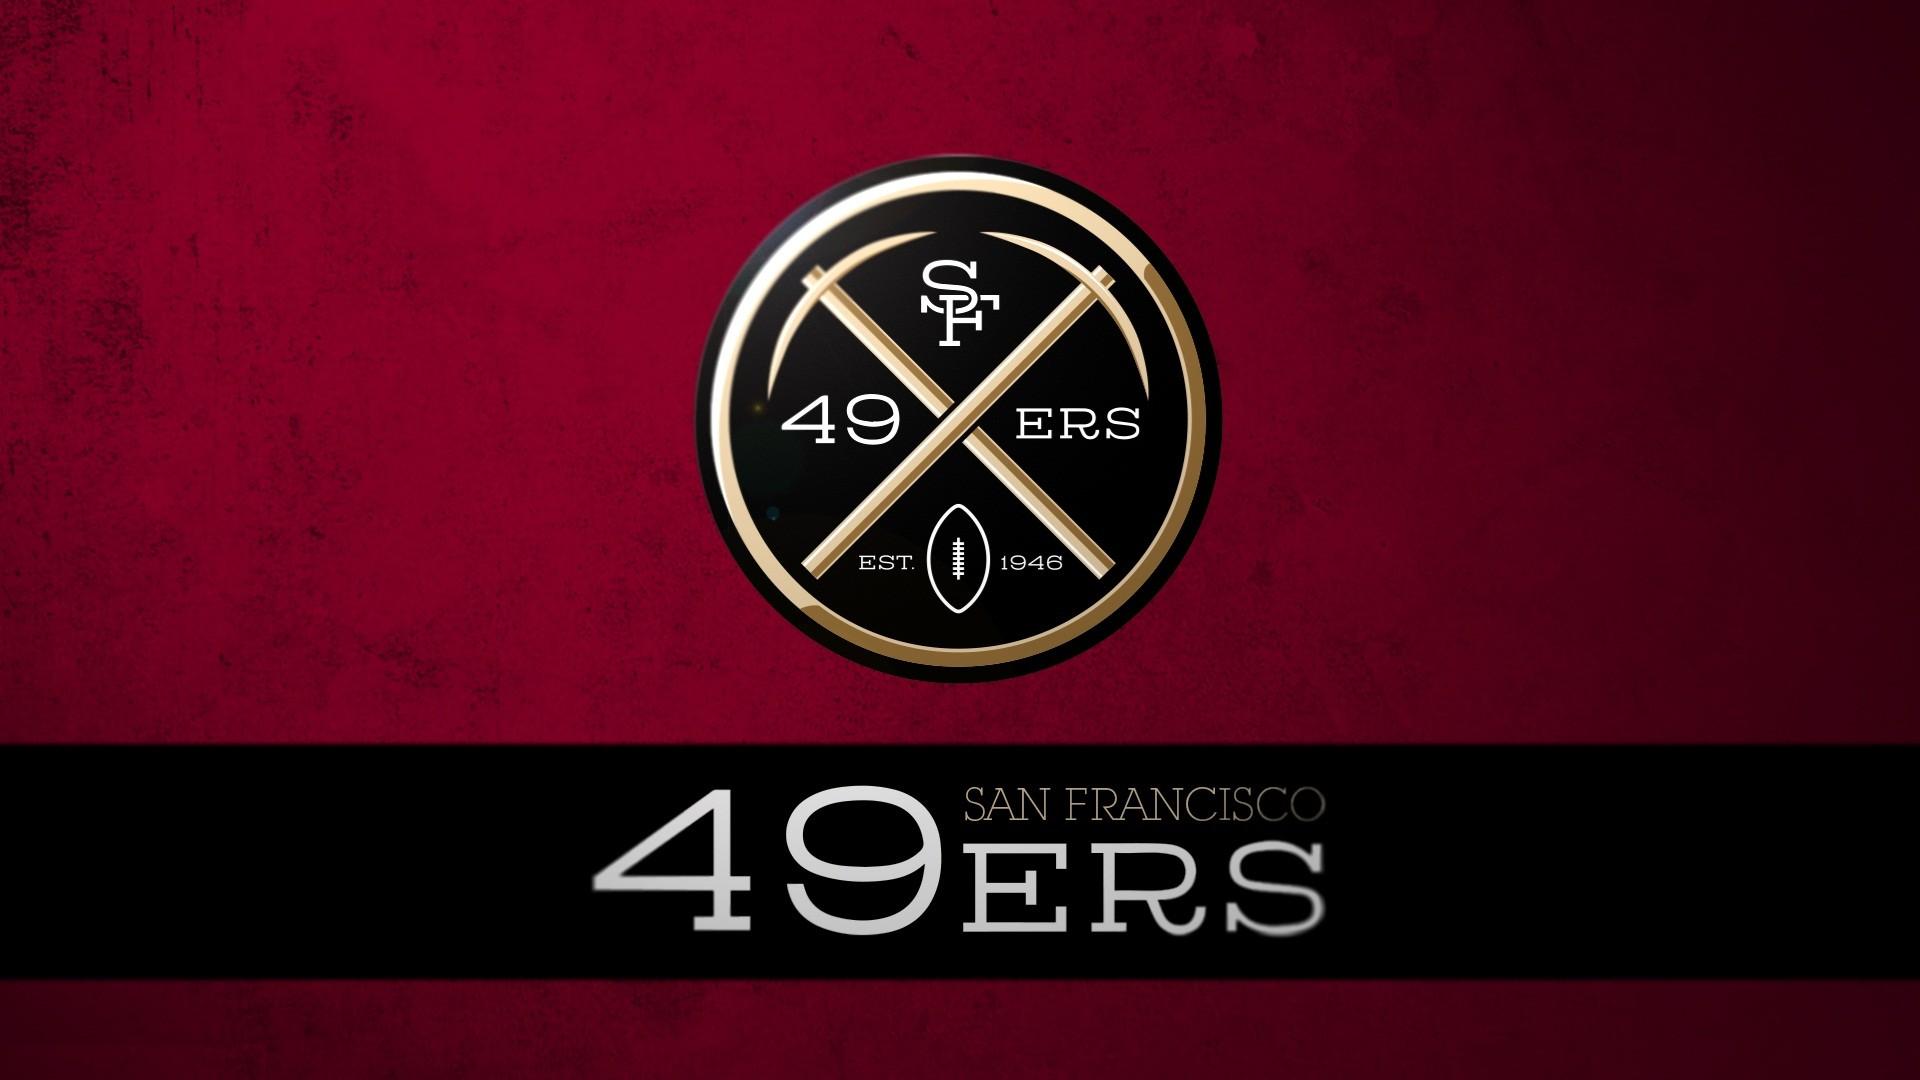 49ers wallpaper hd 66 images 1920x1080 fantastic 49ers wallpaper 41229 voltagebd Images